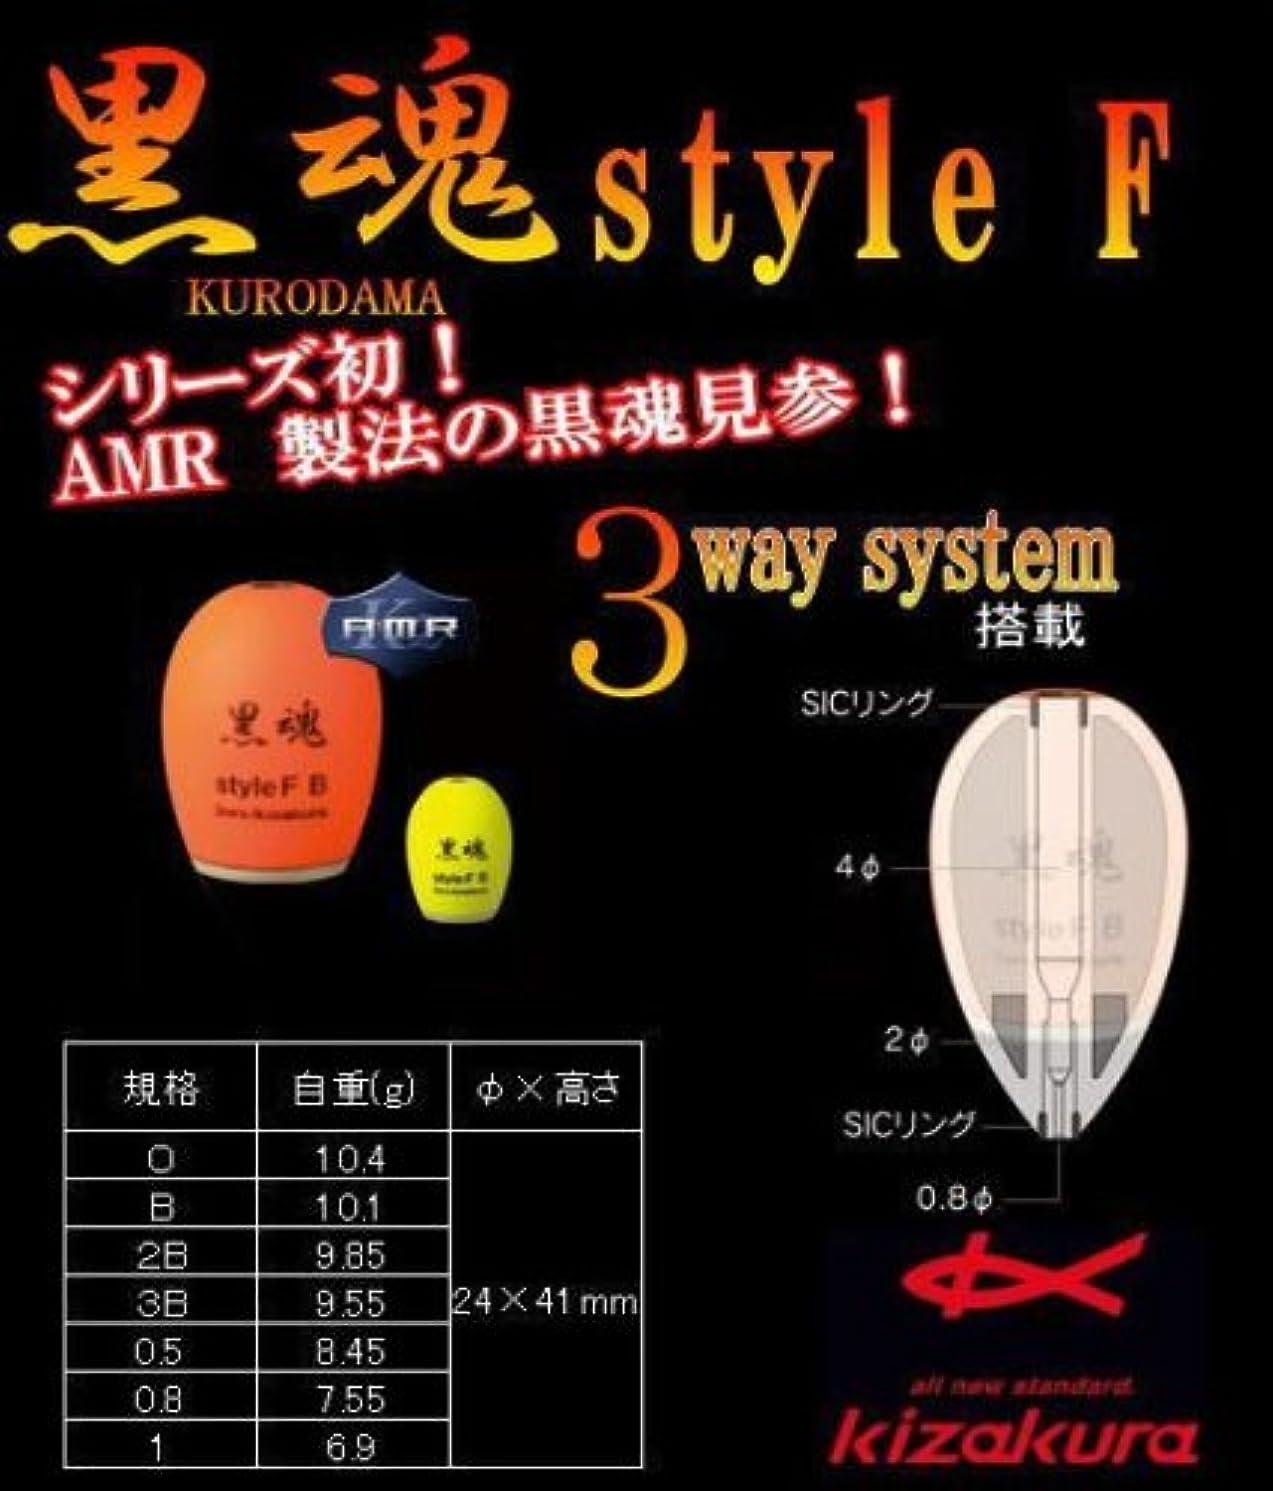 指紋ポータブルバッグキザクラ(kizakura) 黒魂 スタイルF B イエロー